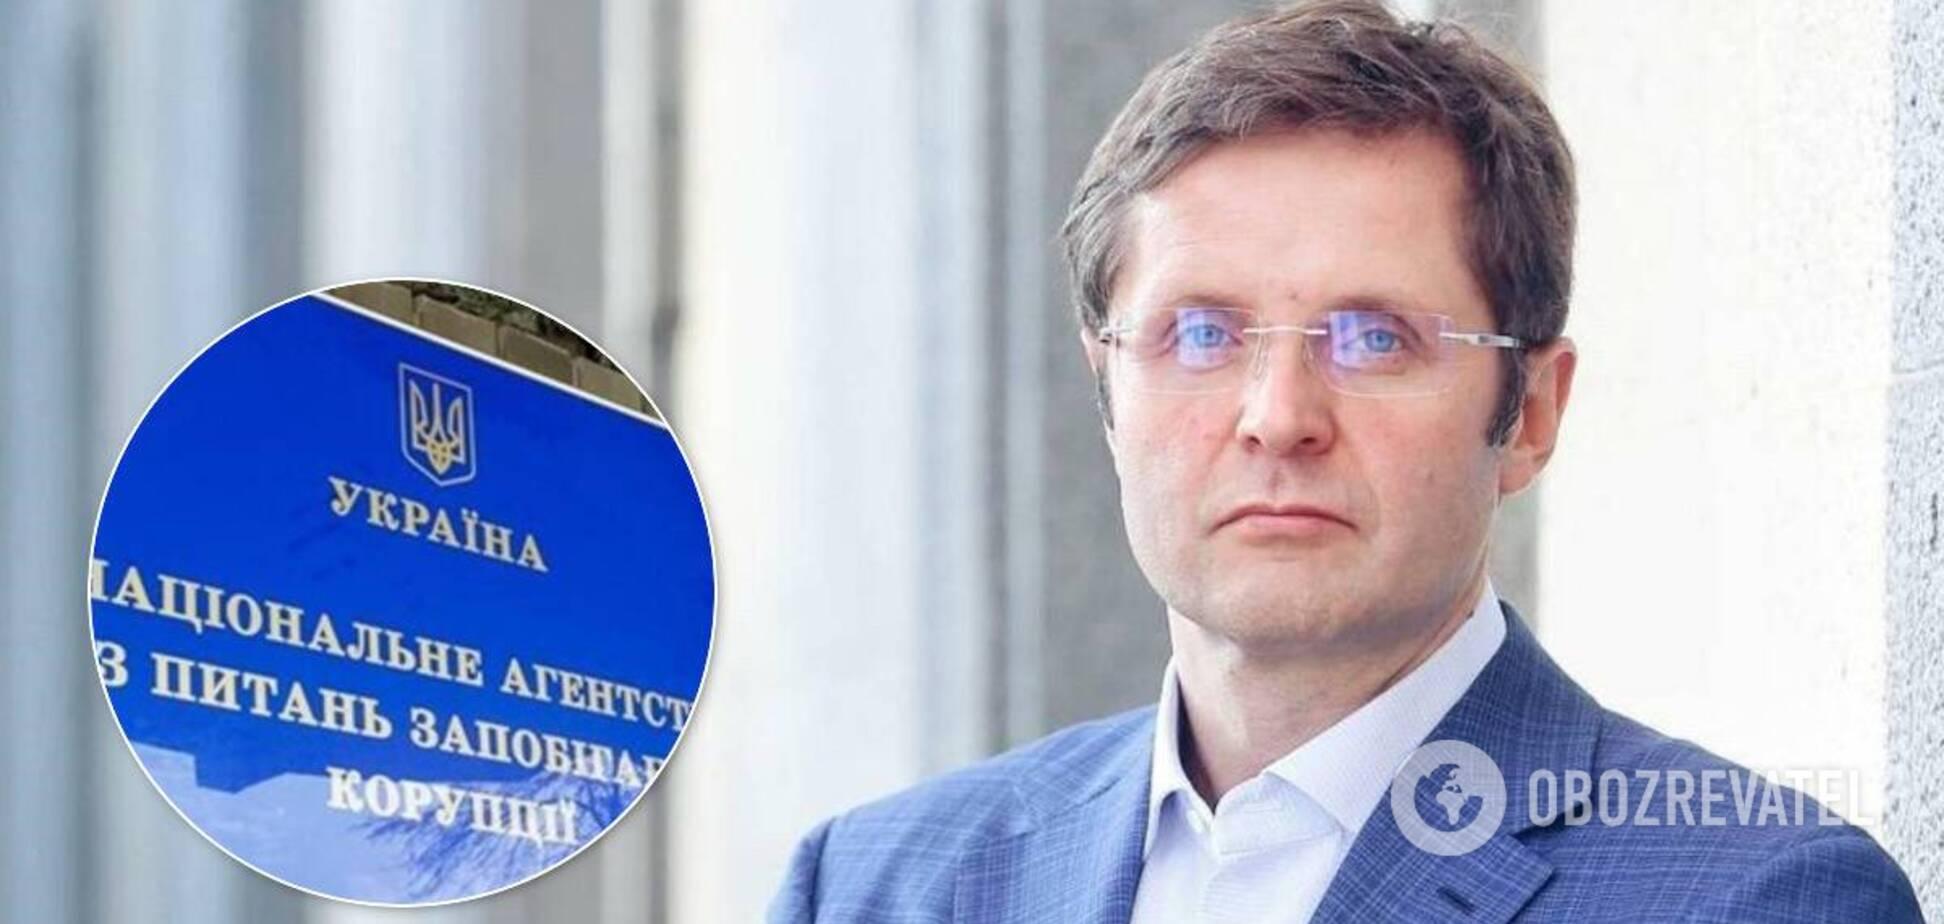 'Слугу народа' Холодова обвинили в коррупции: что грозит нардепу